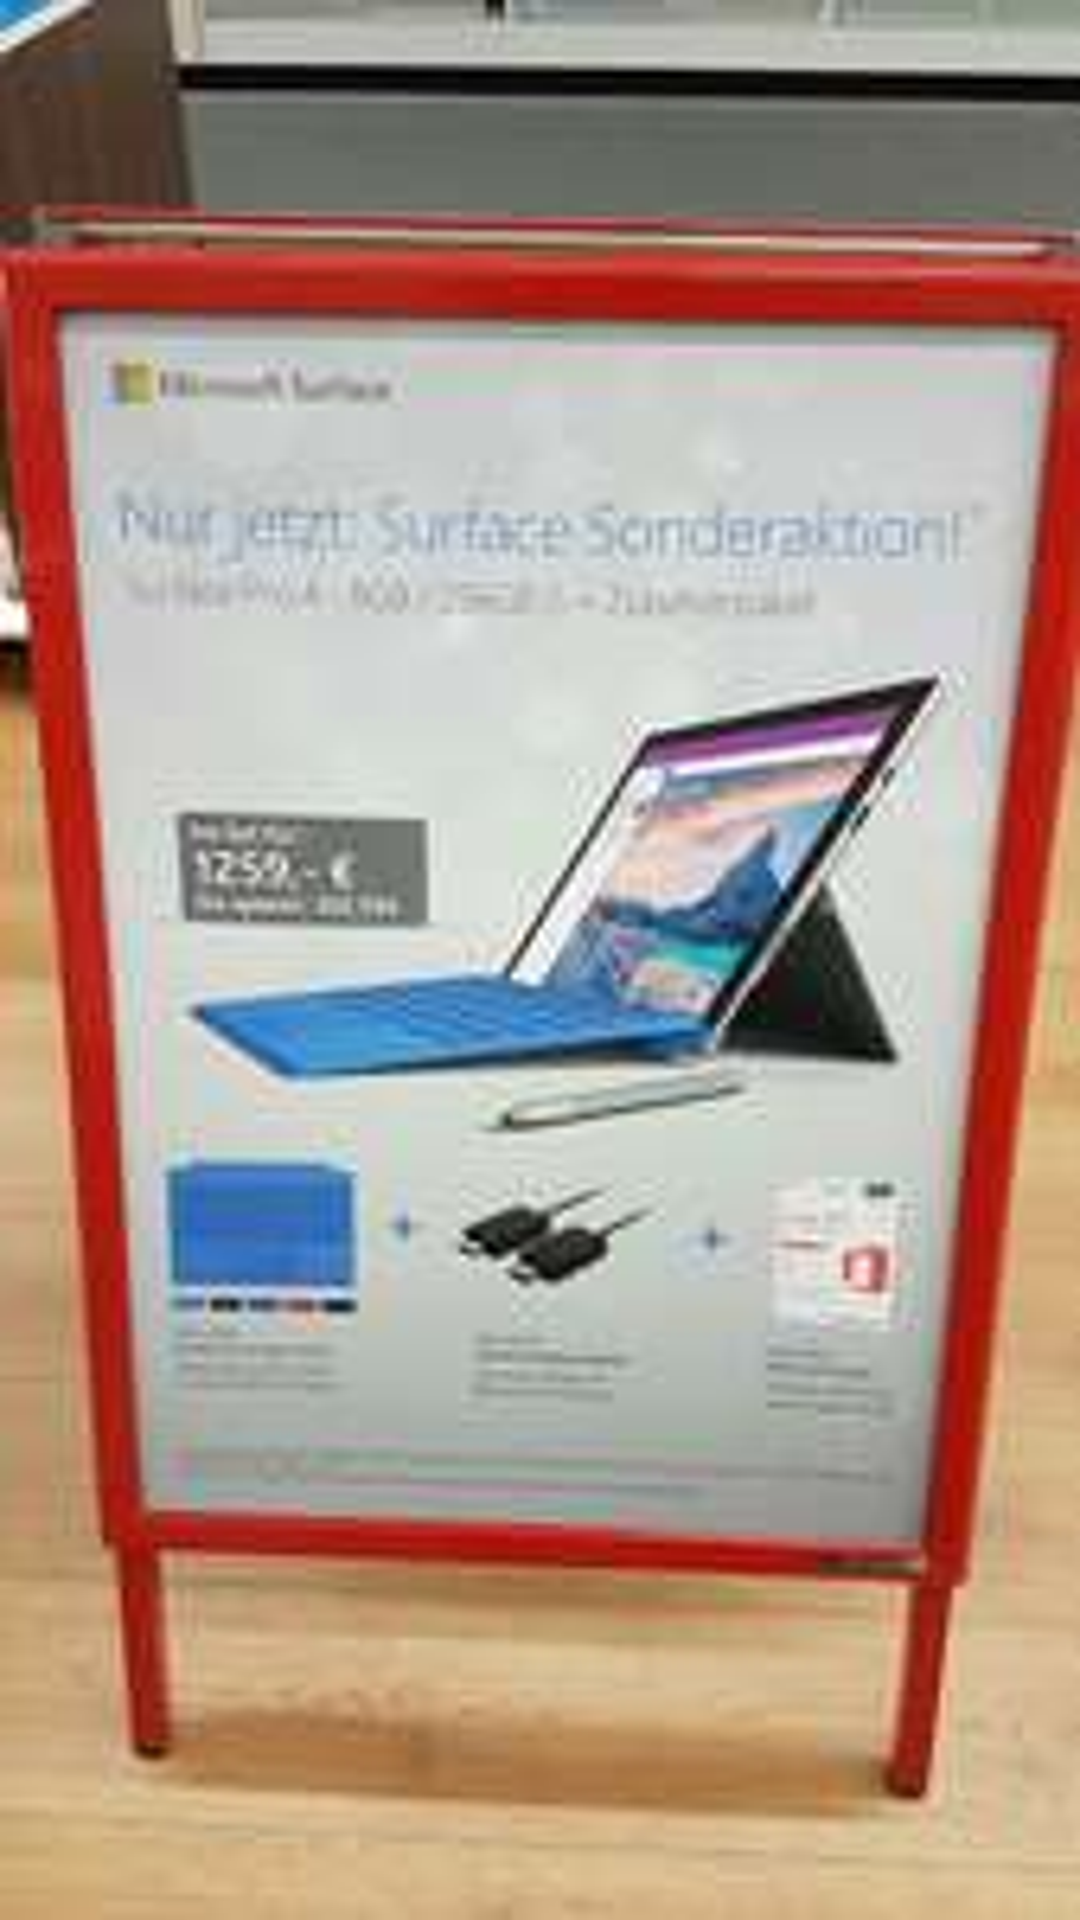 [Lokal] MediaMarkt München Einsteinstr. - Surface Pro 4 I5 256 GB SSD, 8 GB RAM + Type Cover + Wireless Display Adapter + Office 365 Home (5 Benutzer)